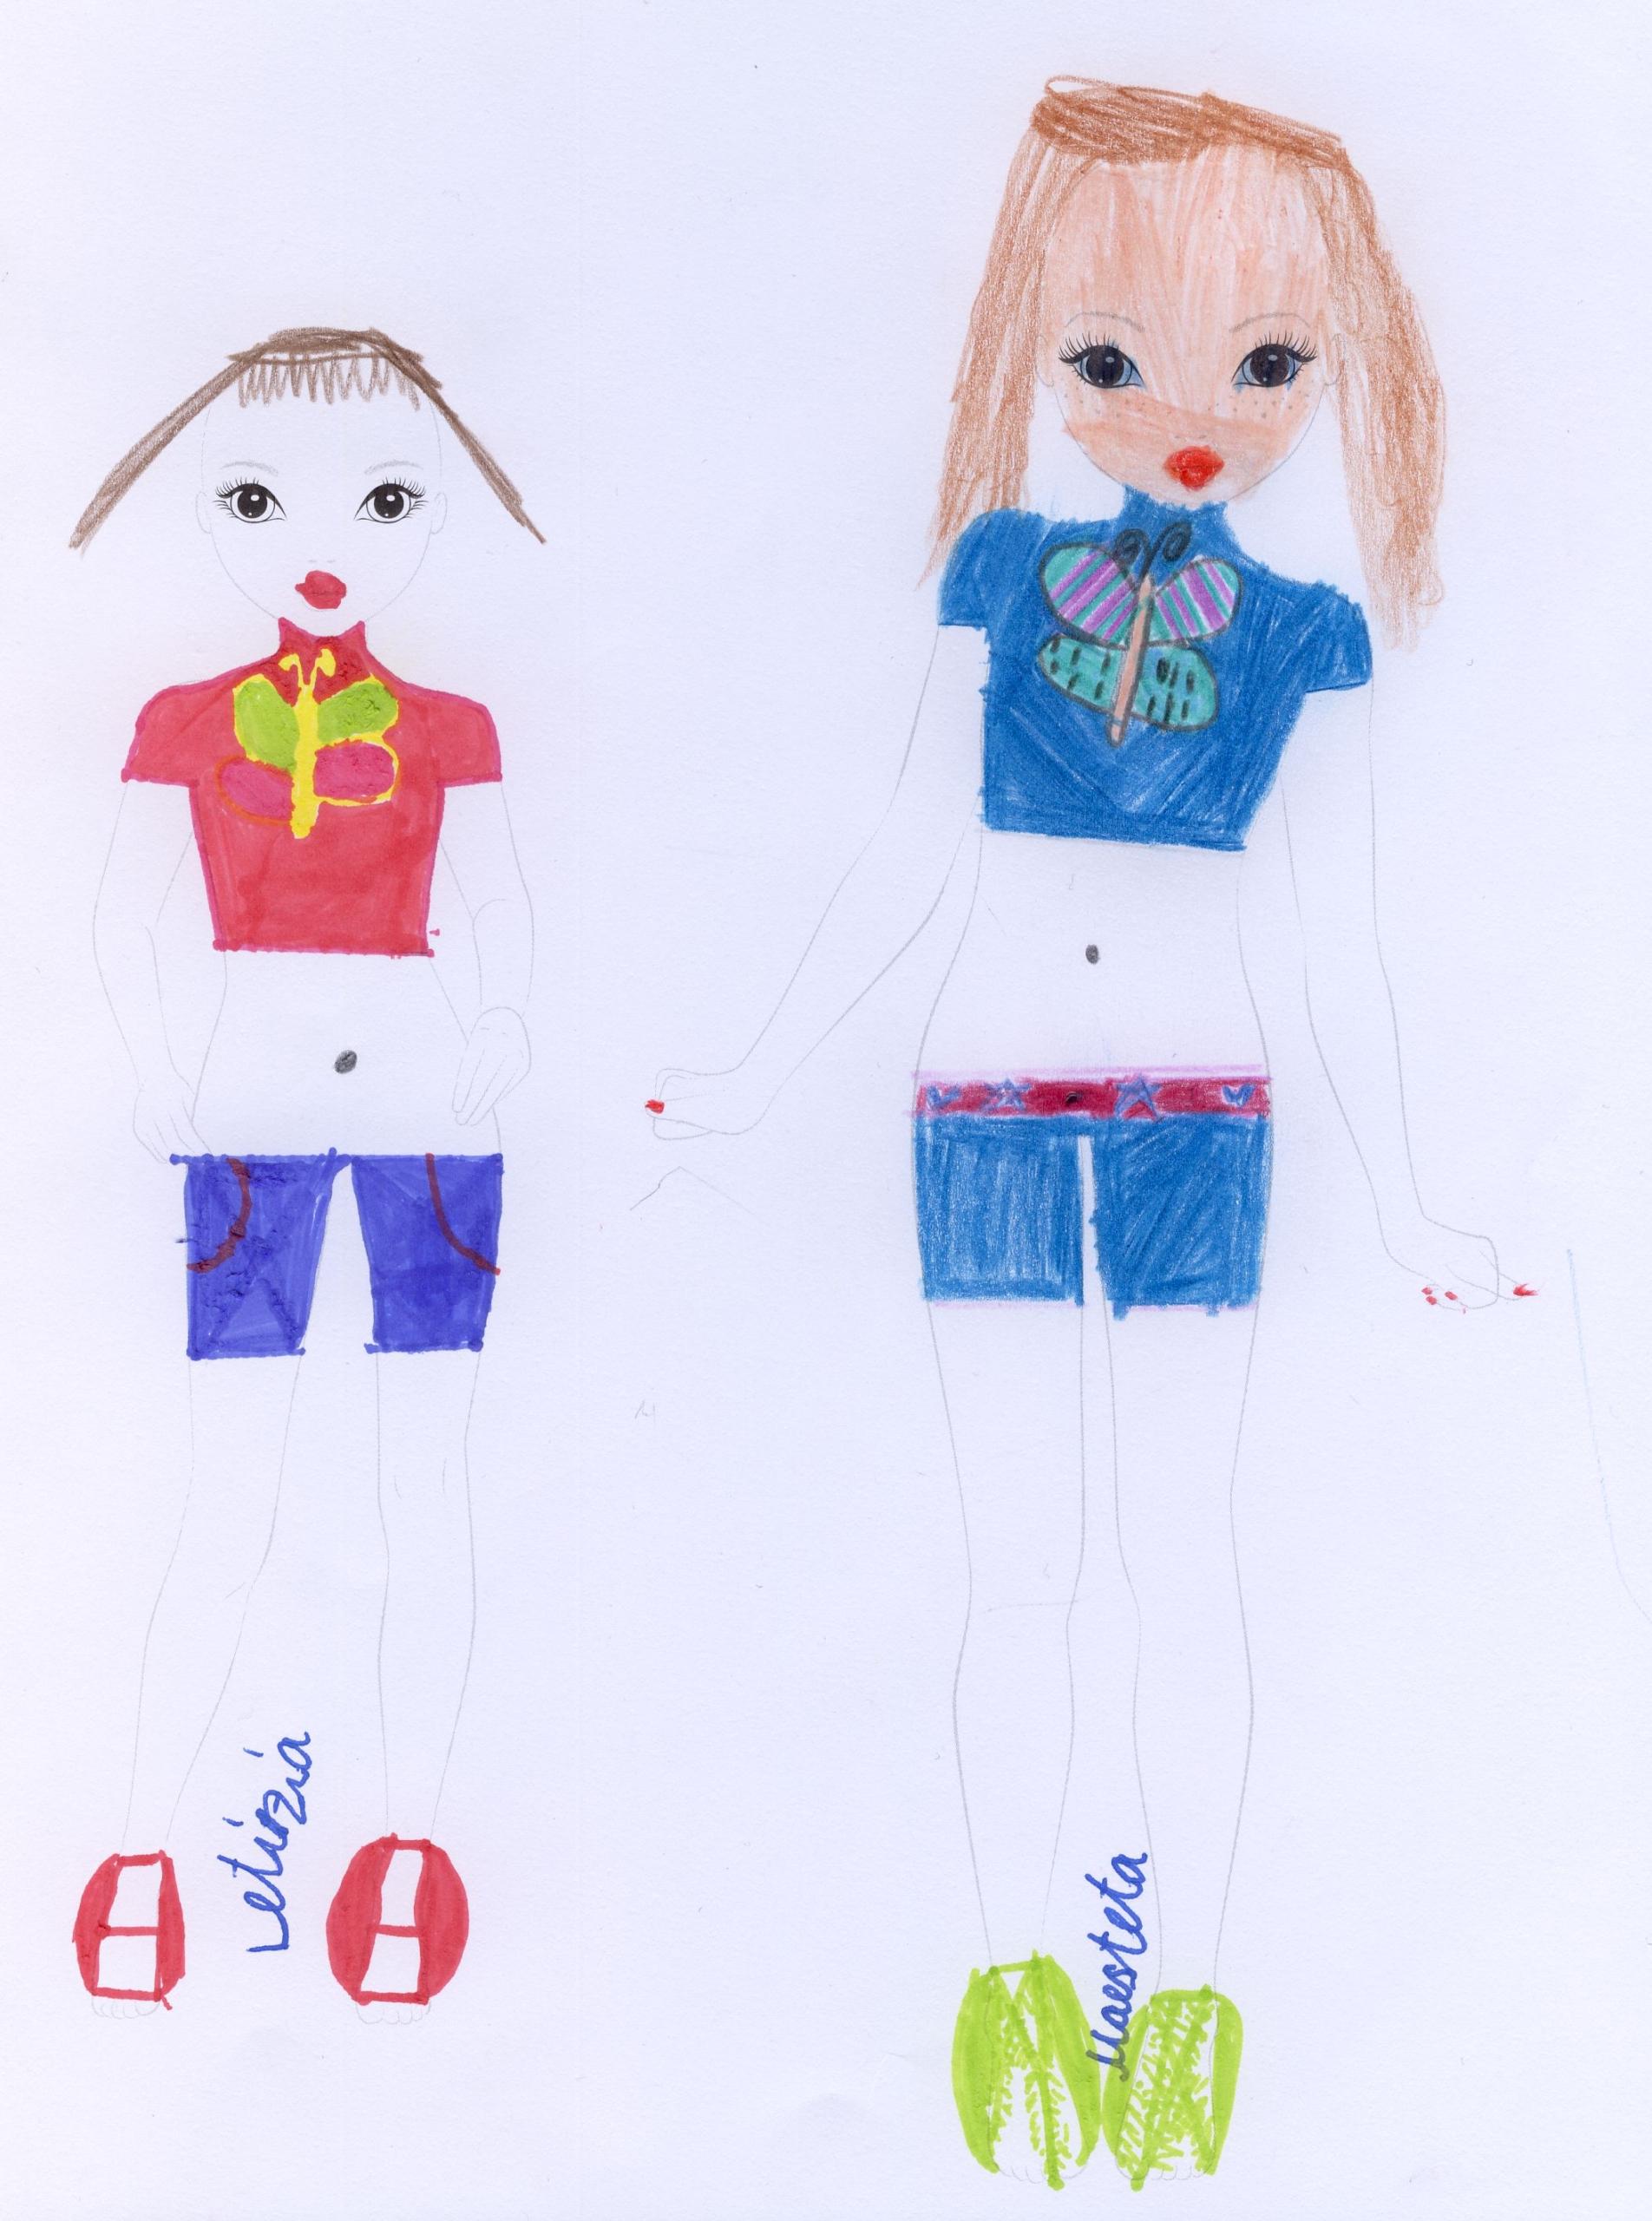 Emilia G., 8 Jahre, aus Köln